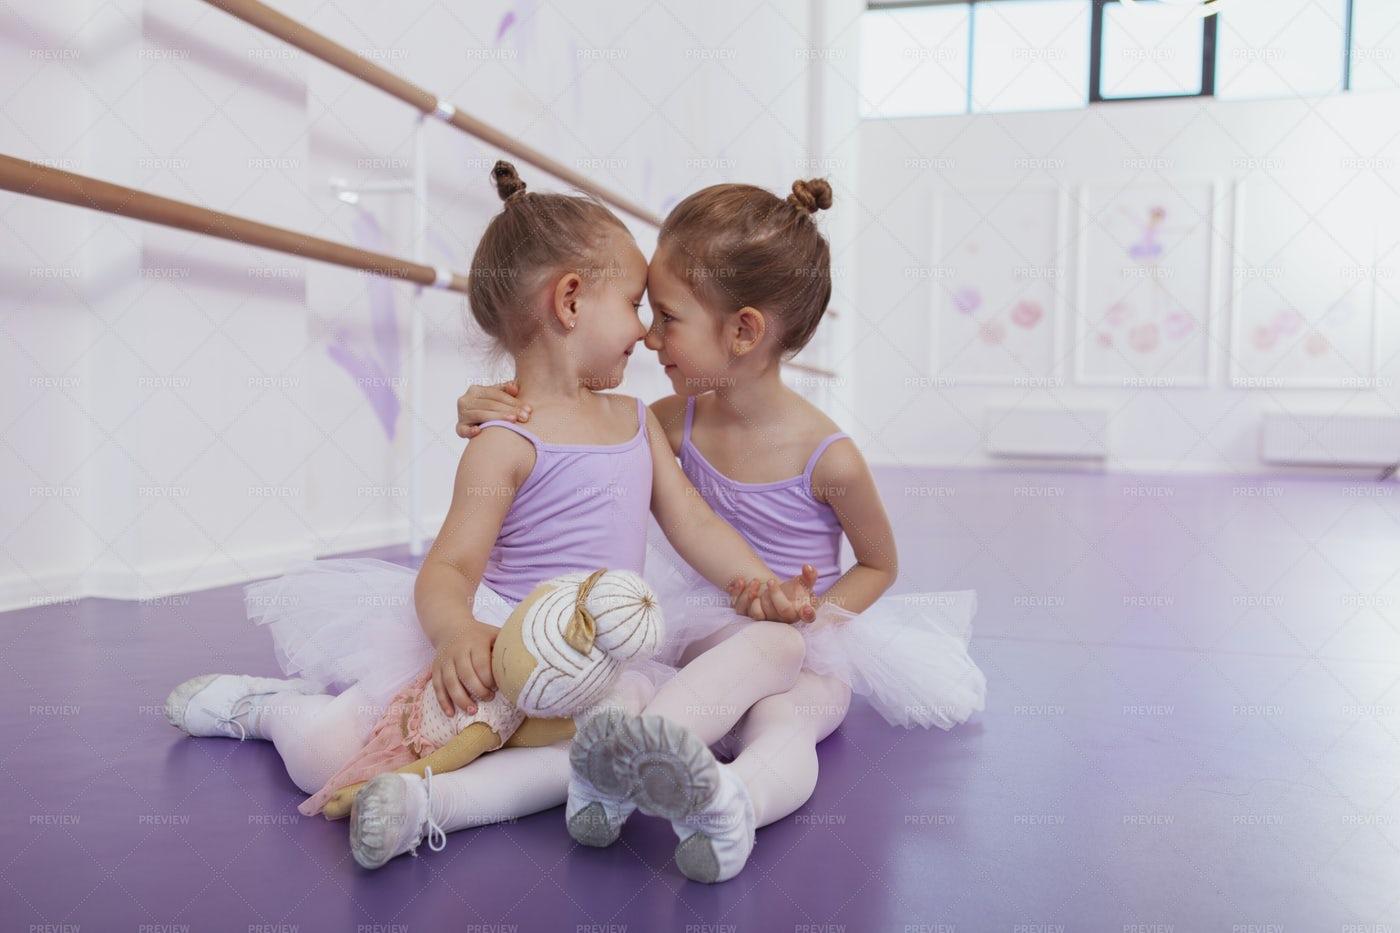 Ballerinas Embracing Each Other: Stock Photos